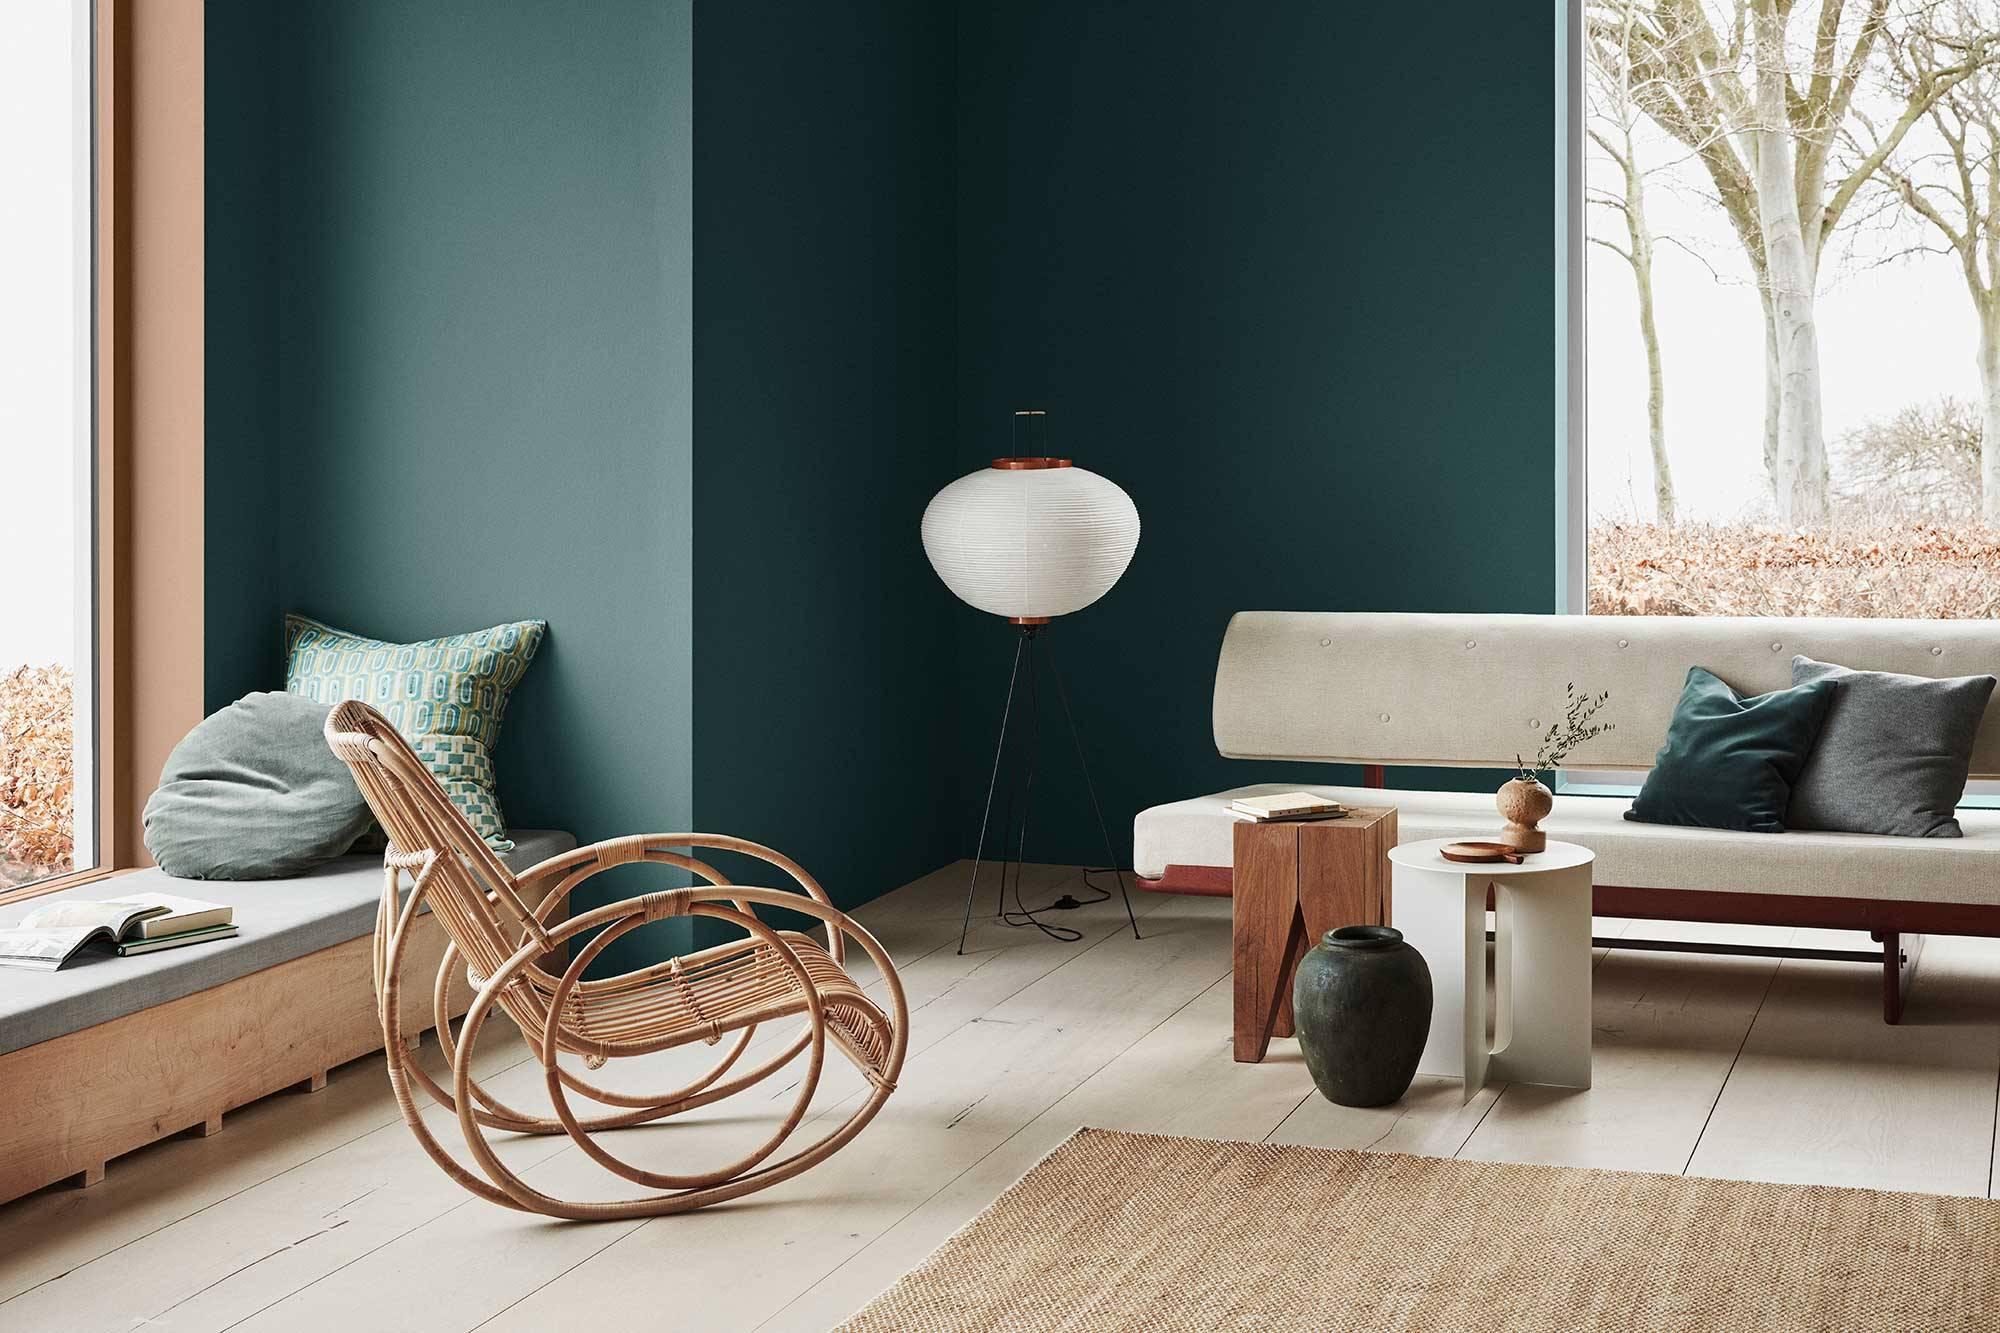 H-Jotun-5489-Free-Spirit. Un refrescante azul verdoso inspirado en la naturaleza